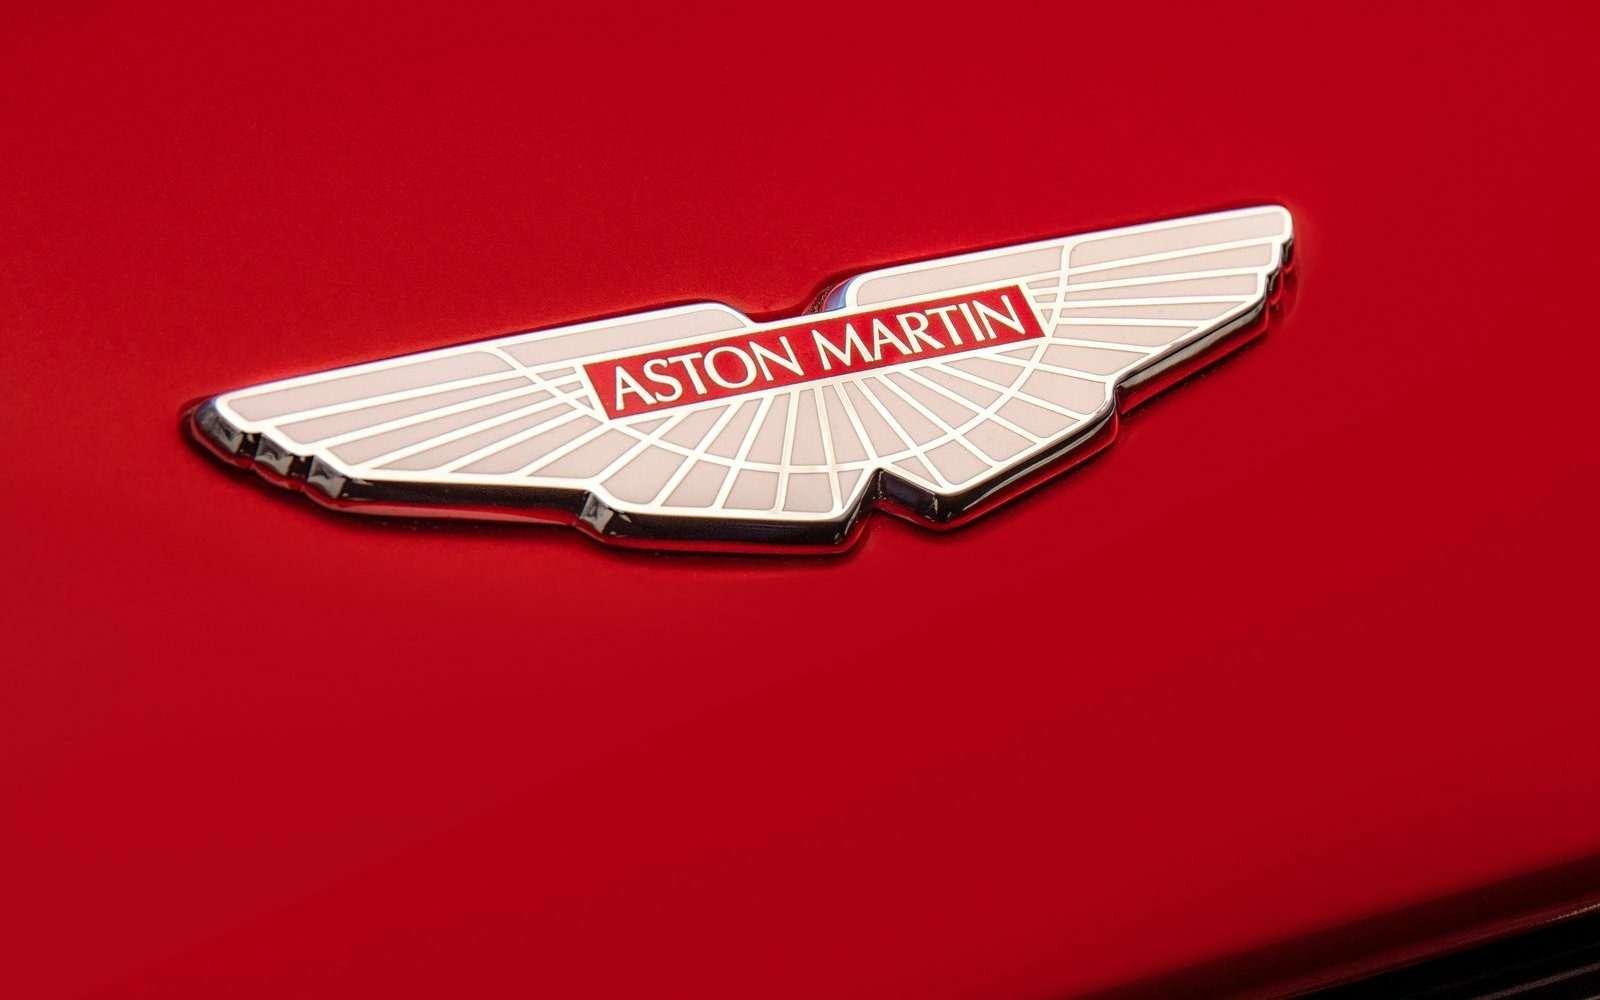 Этакрасота должна жить: Aston Martin Vanquish Zagato запустят впроизводство— фото 600885